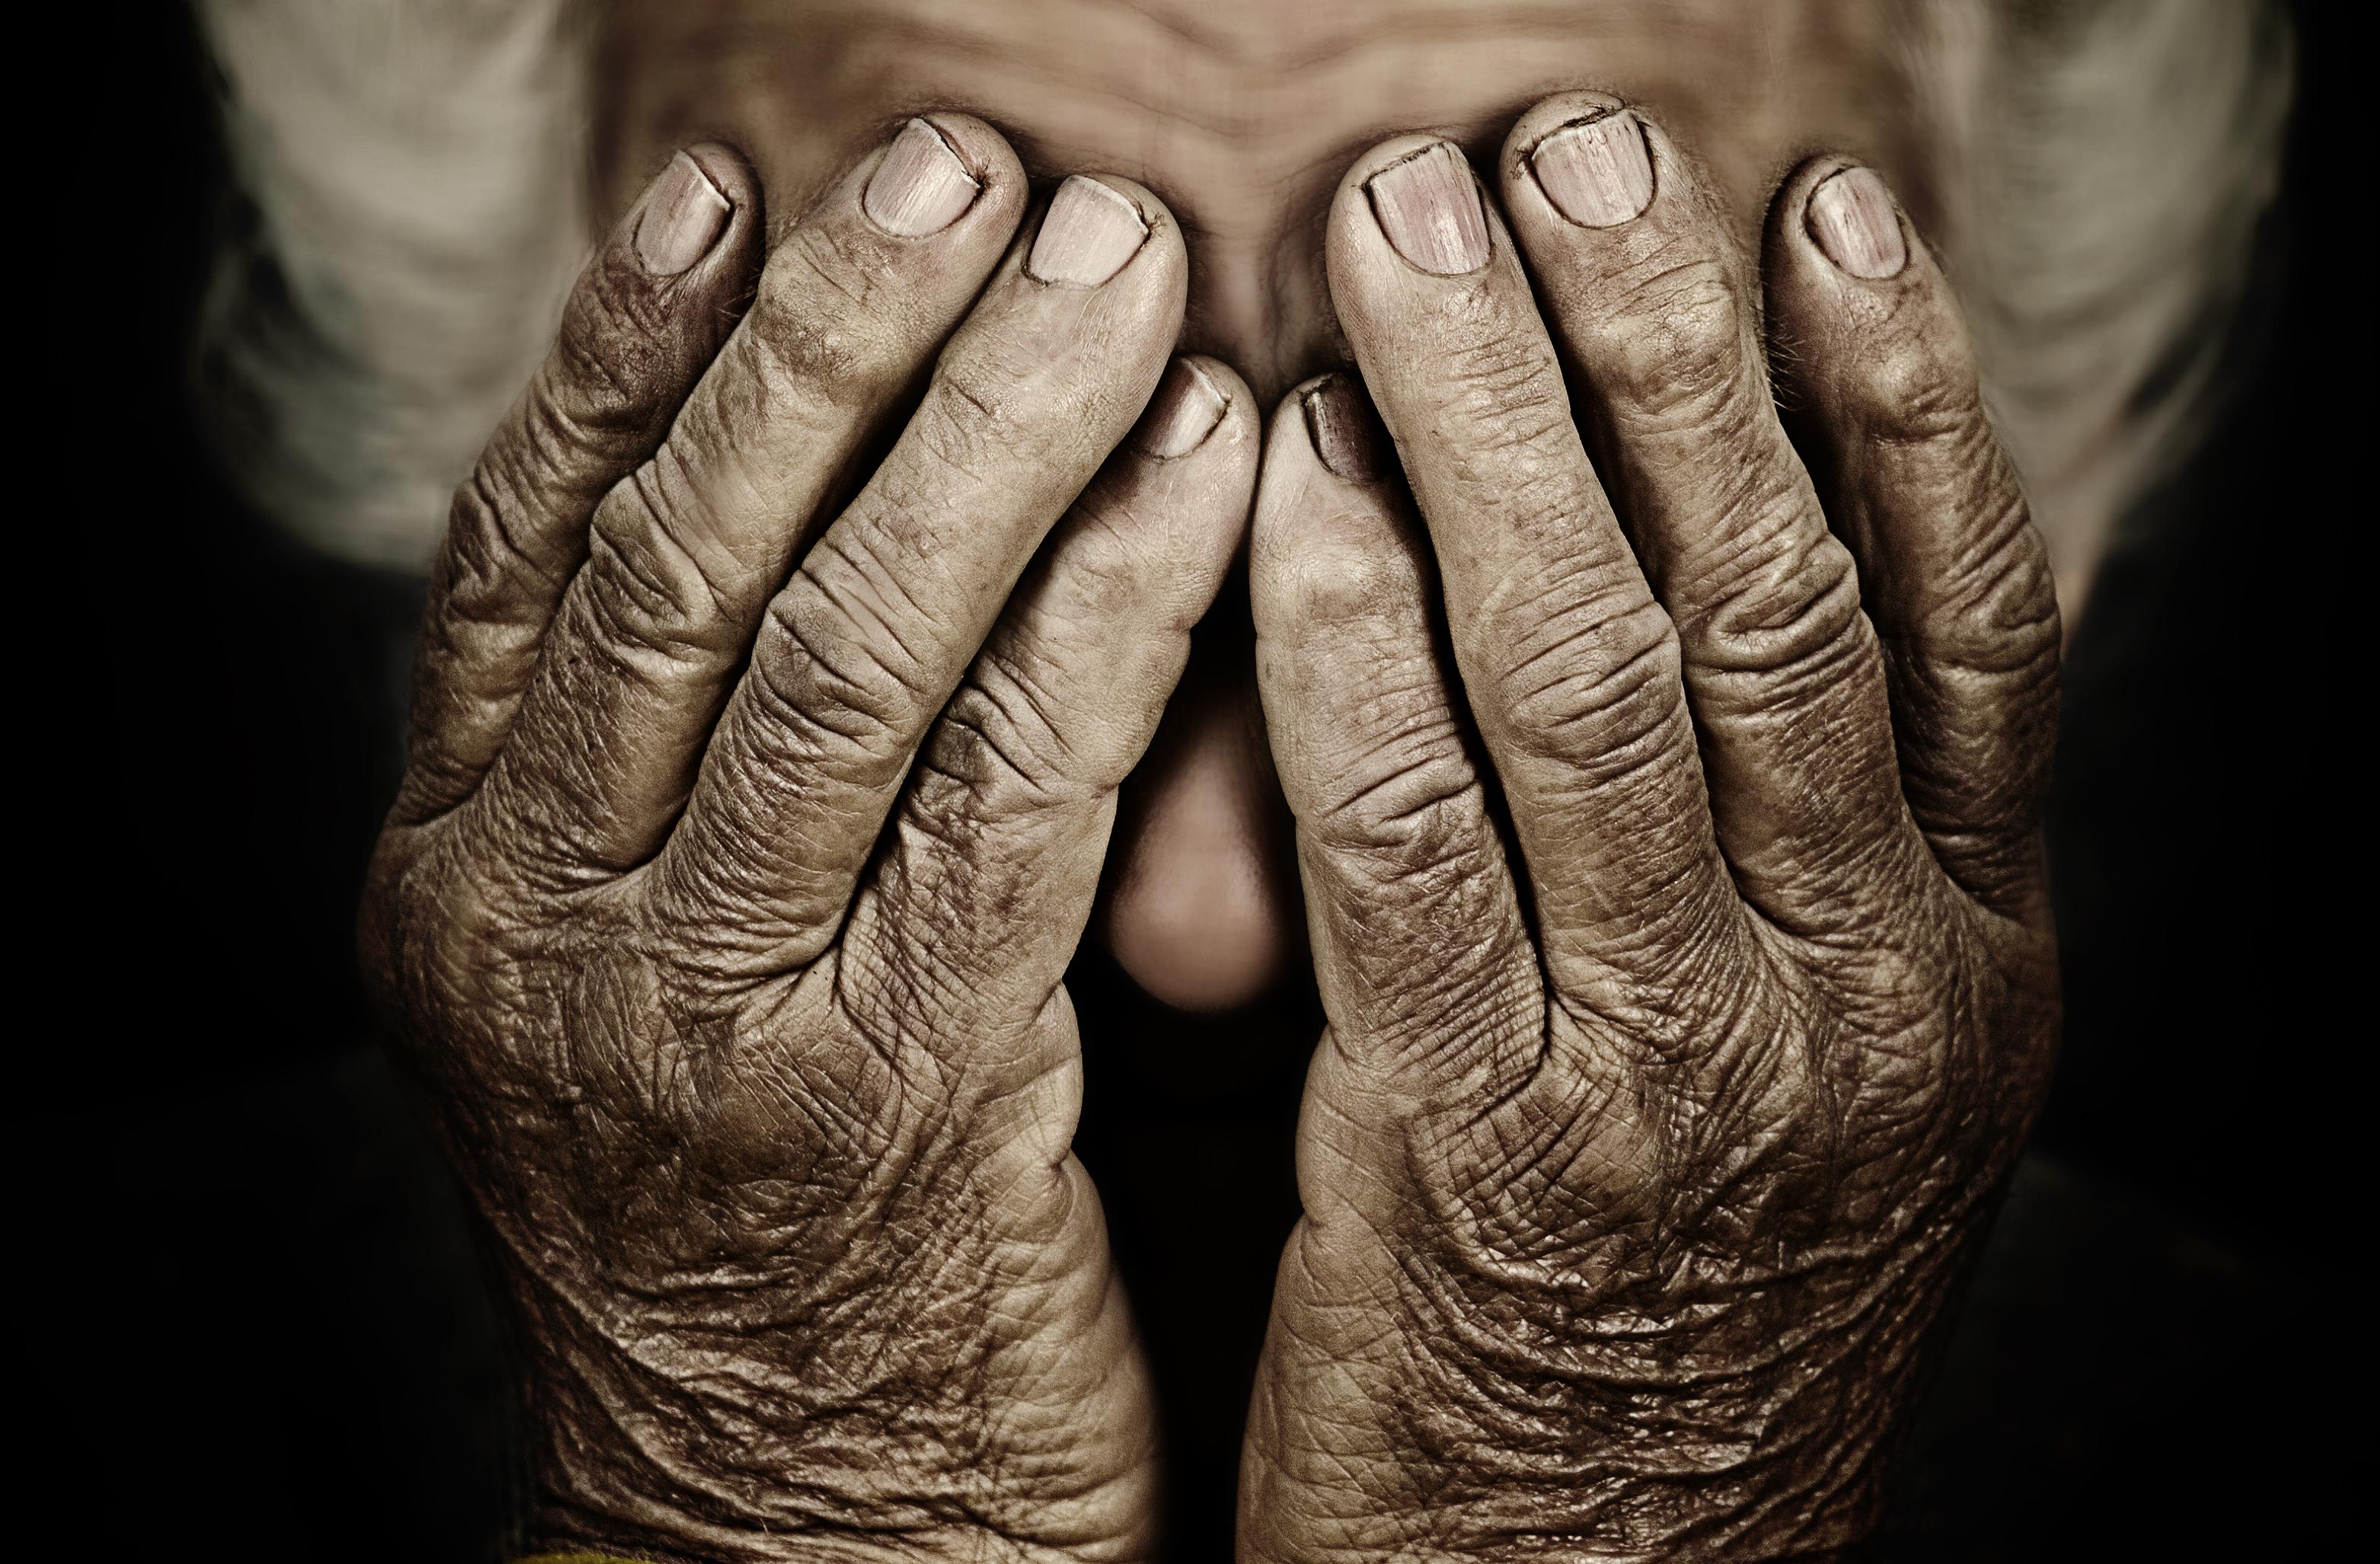 La anciana contó tener una profunda tristeza.